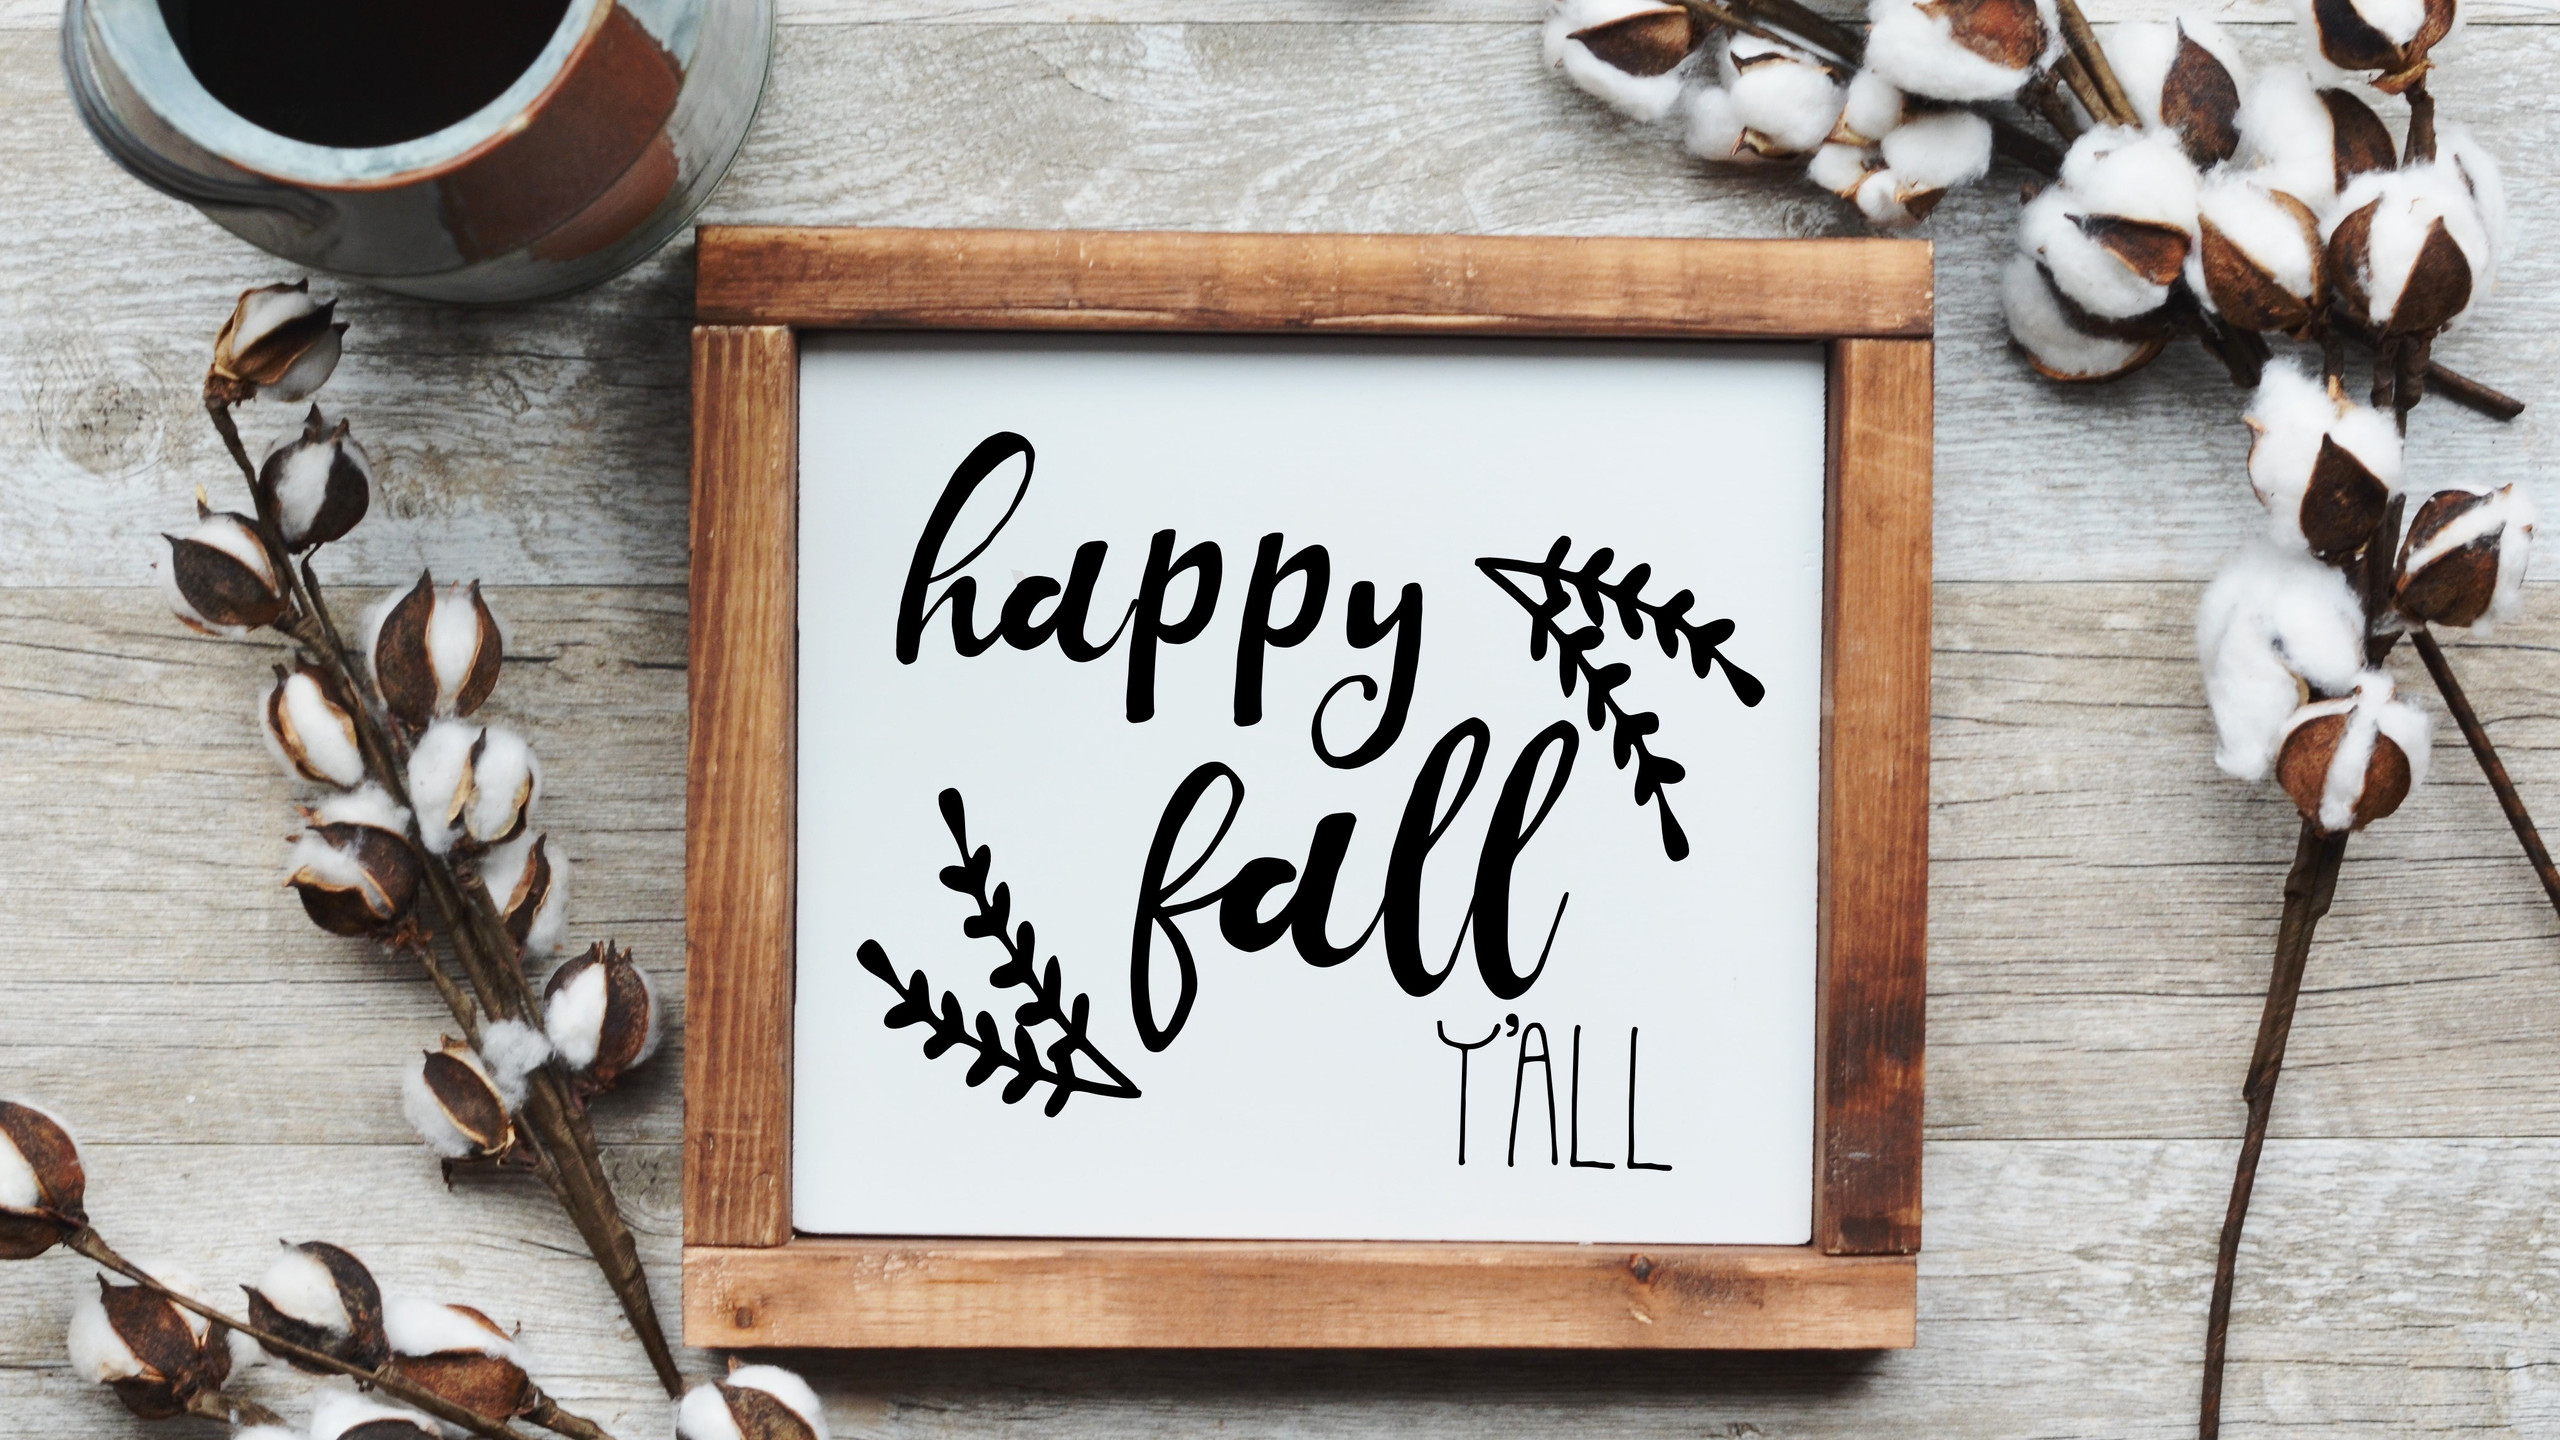 hapy fall yall sign 2